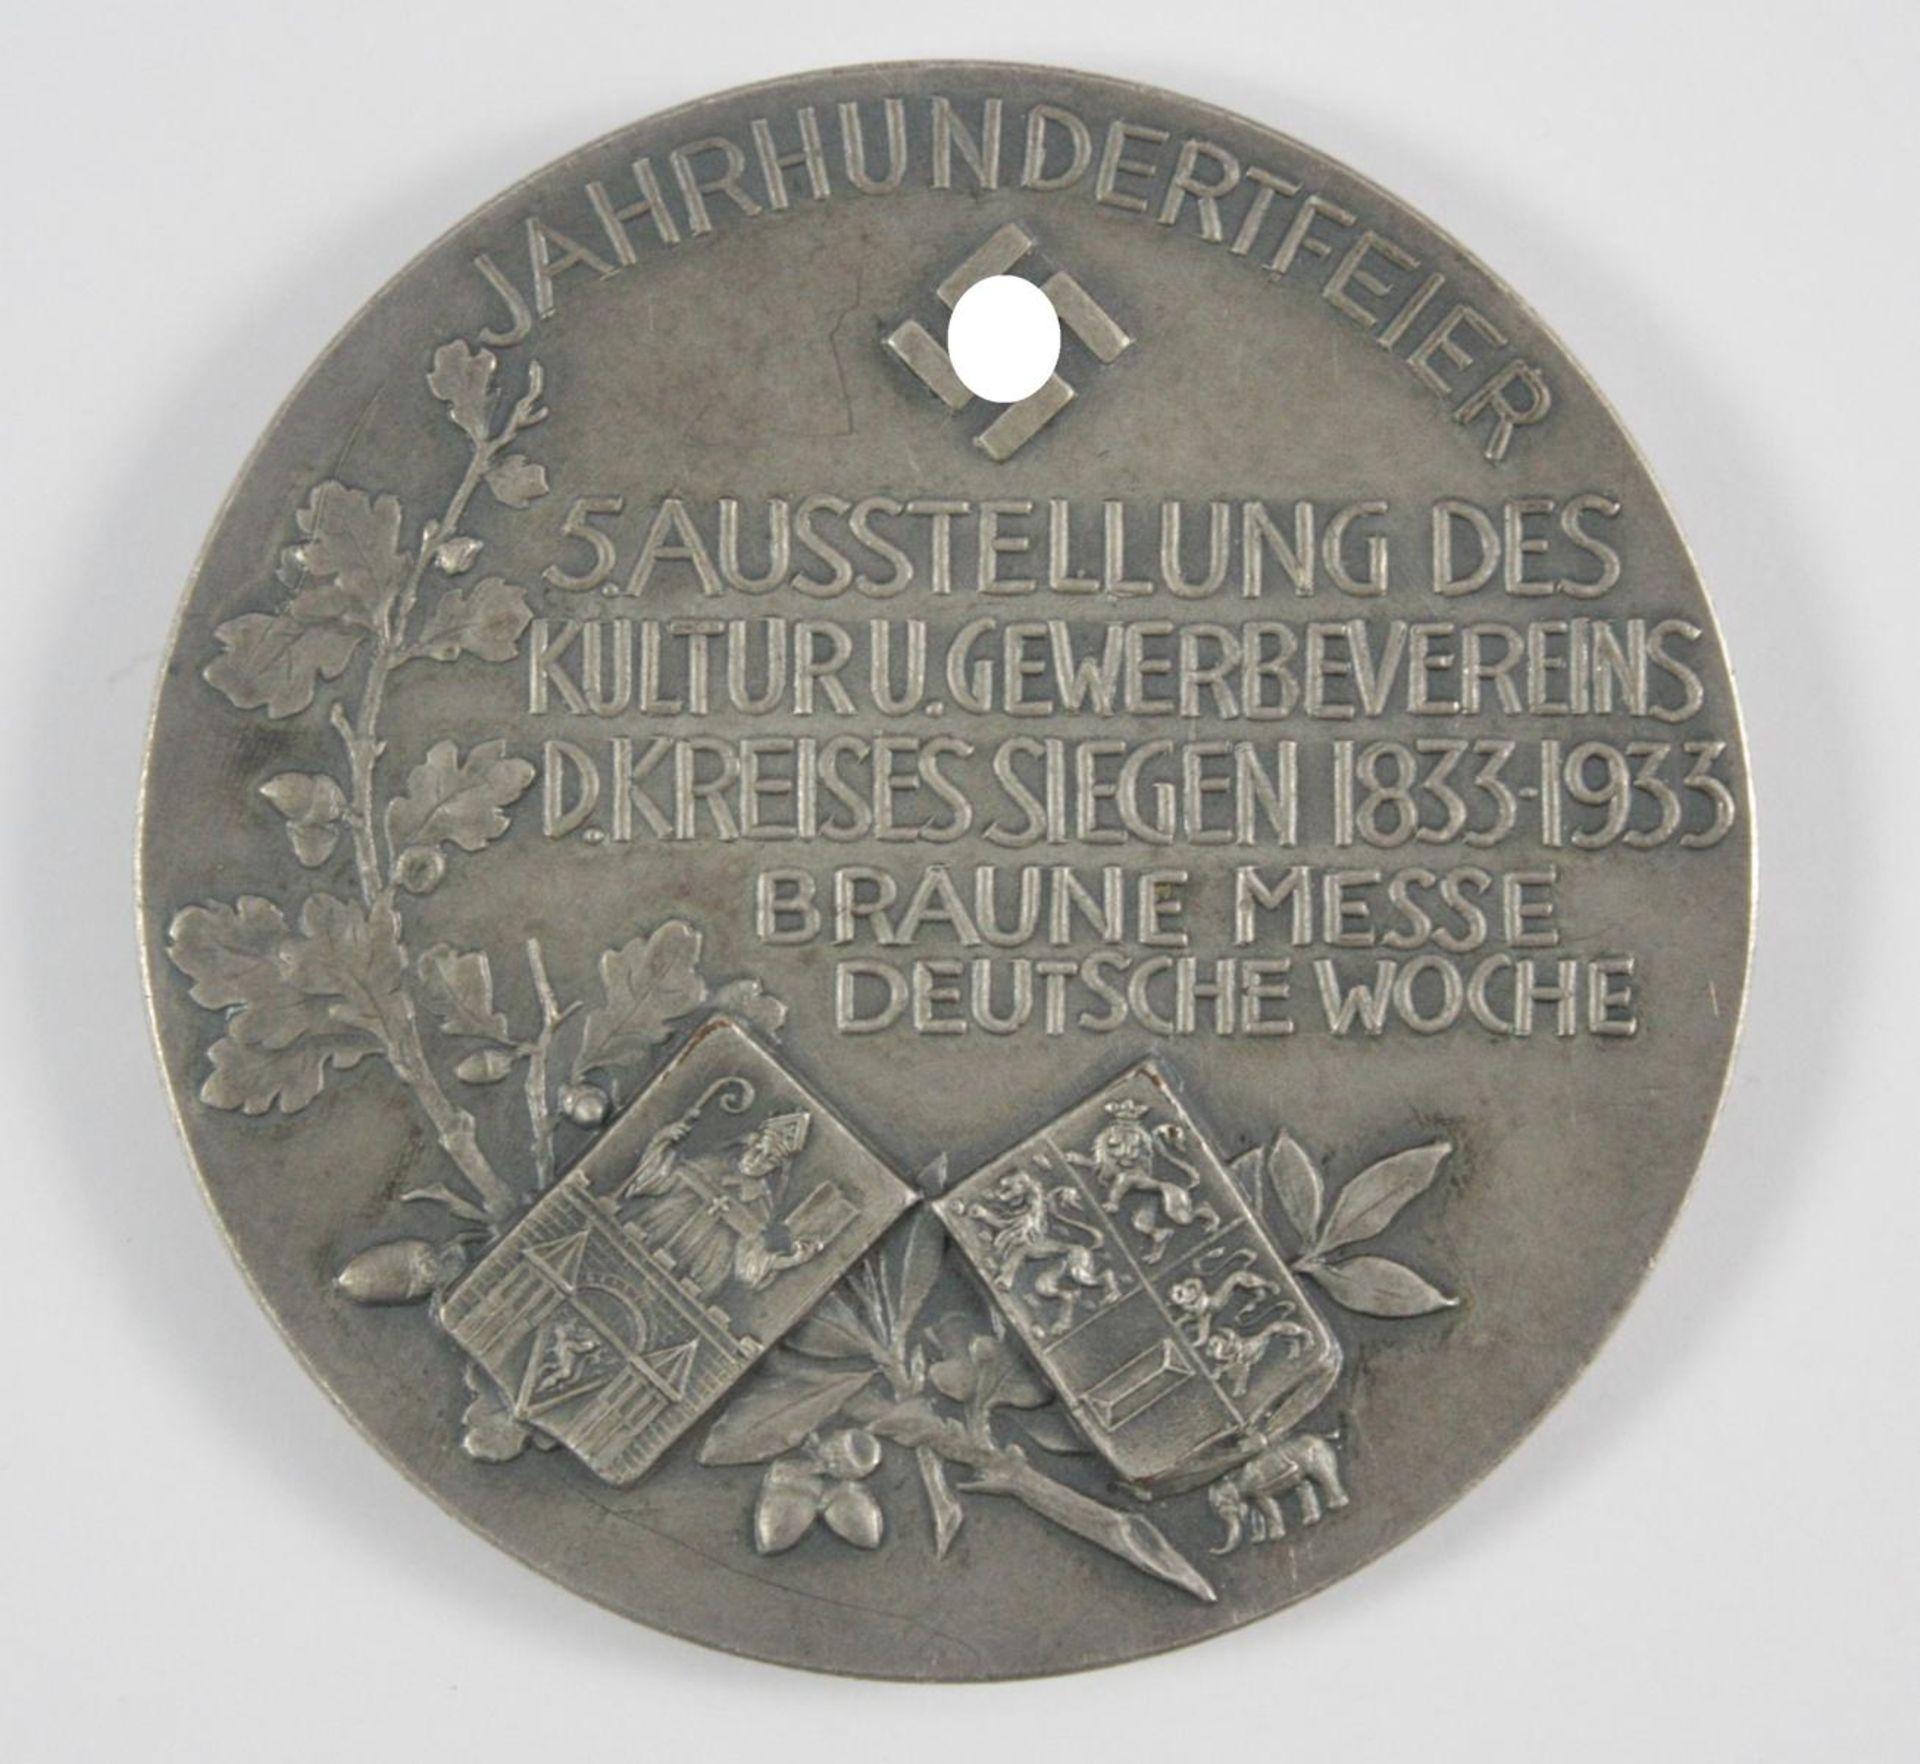 Silberpreismedaille Braune Messe 1933 - Bild 2 aus 2